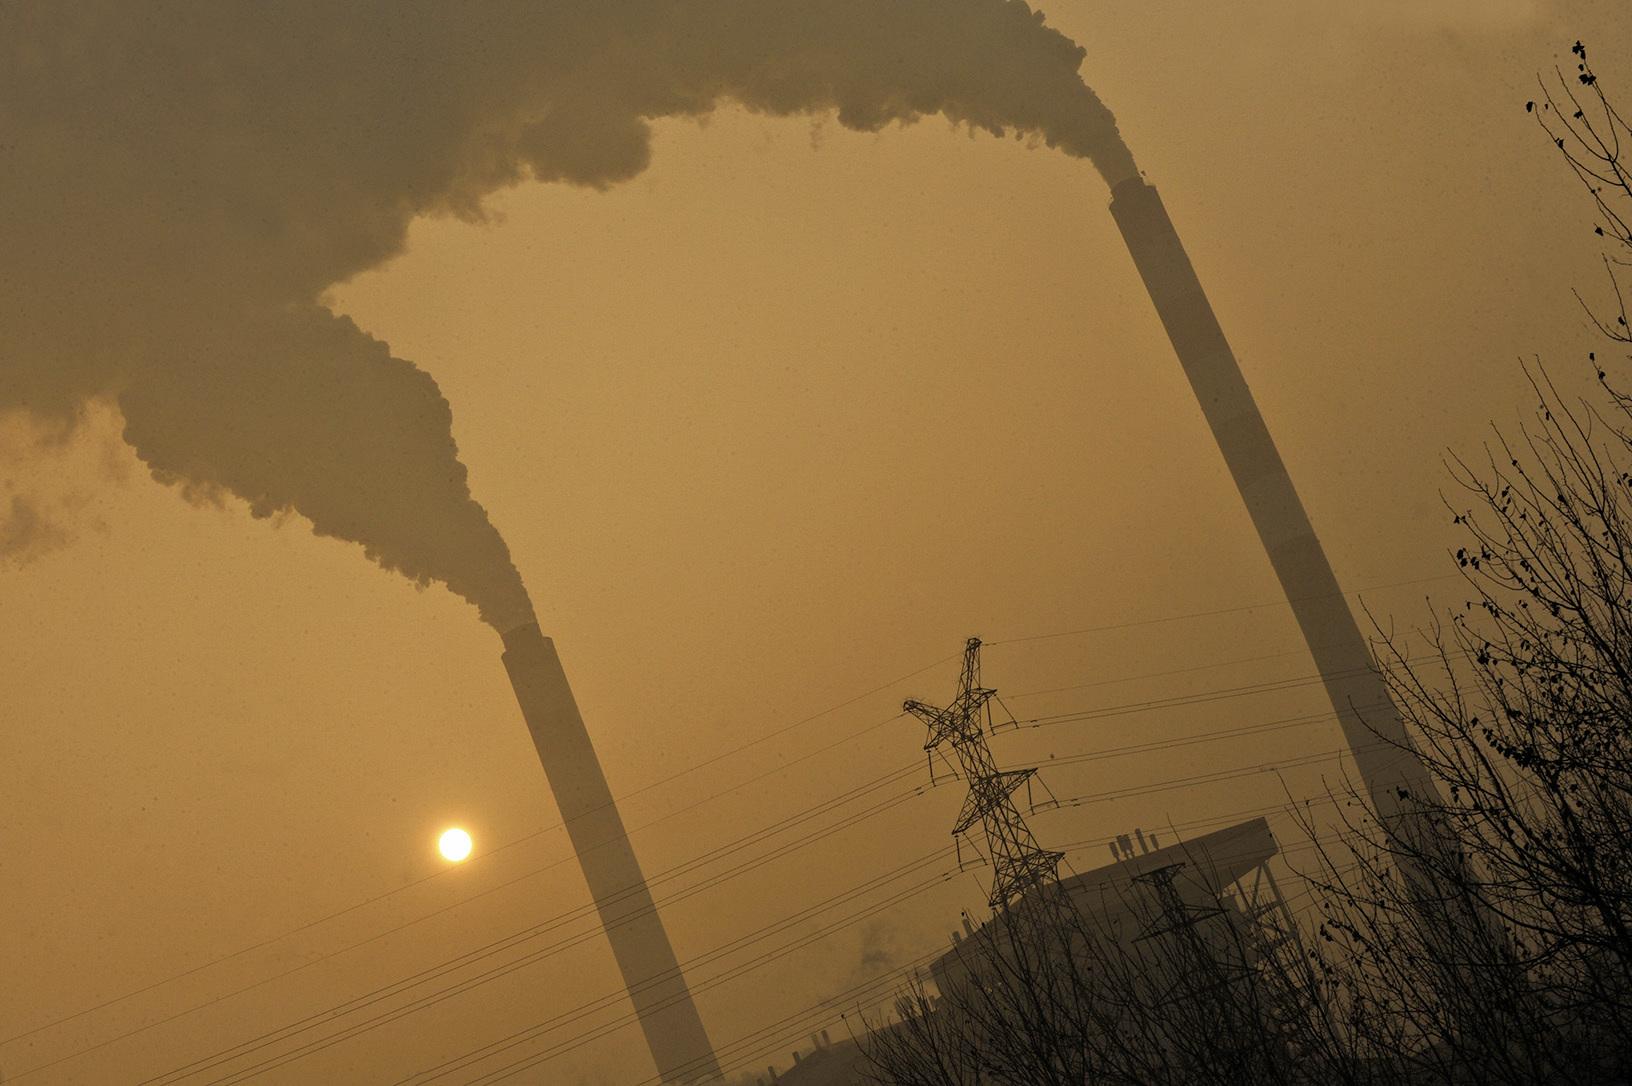 山西省臨汾市被認為是全球空氣污染最嚴重城市之一,其郊區煤電廠的窒息煙塵覆蓋了臨汾。近日,臨汾當地陰霾中二氧化硫濃度逾千,幾度超過倫敦當年的毒氣含量。(Getty Images)